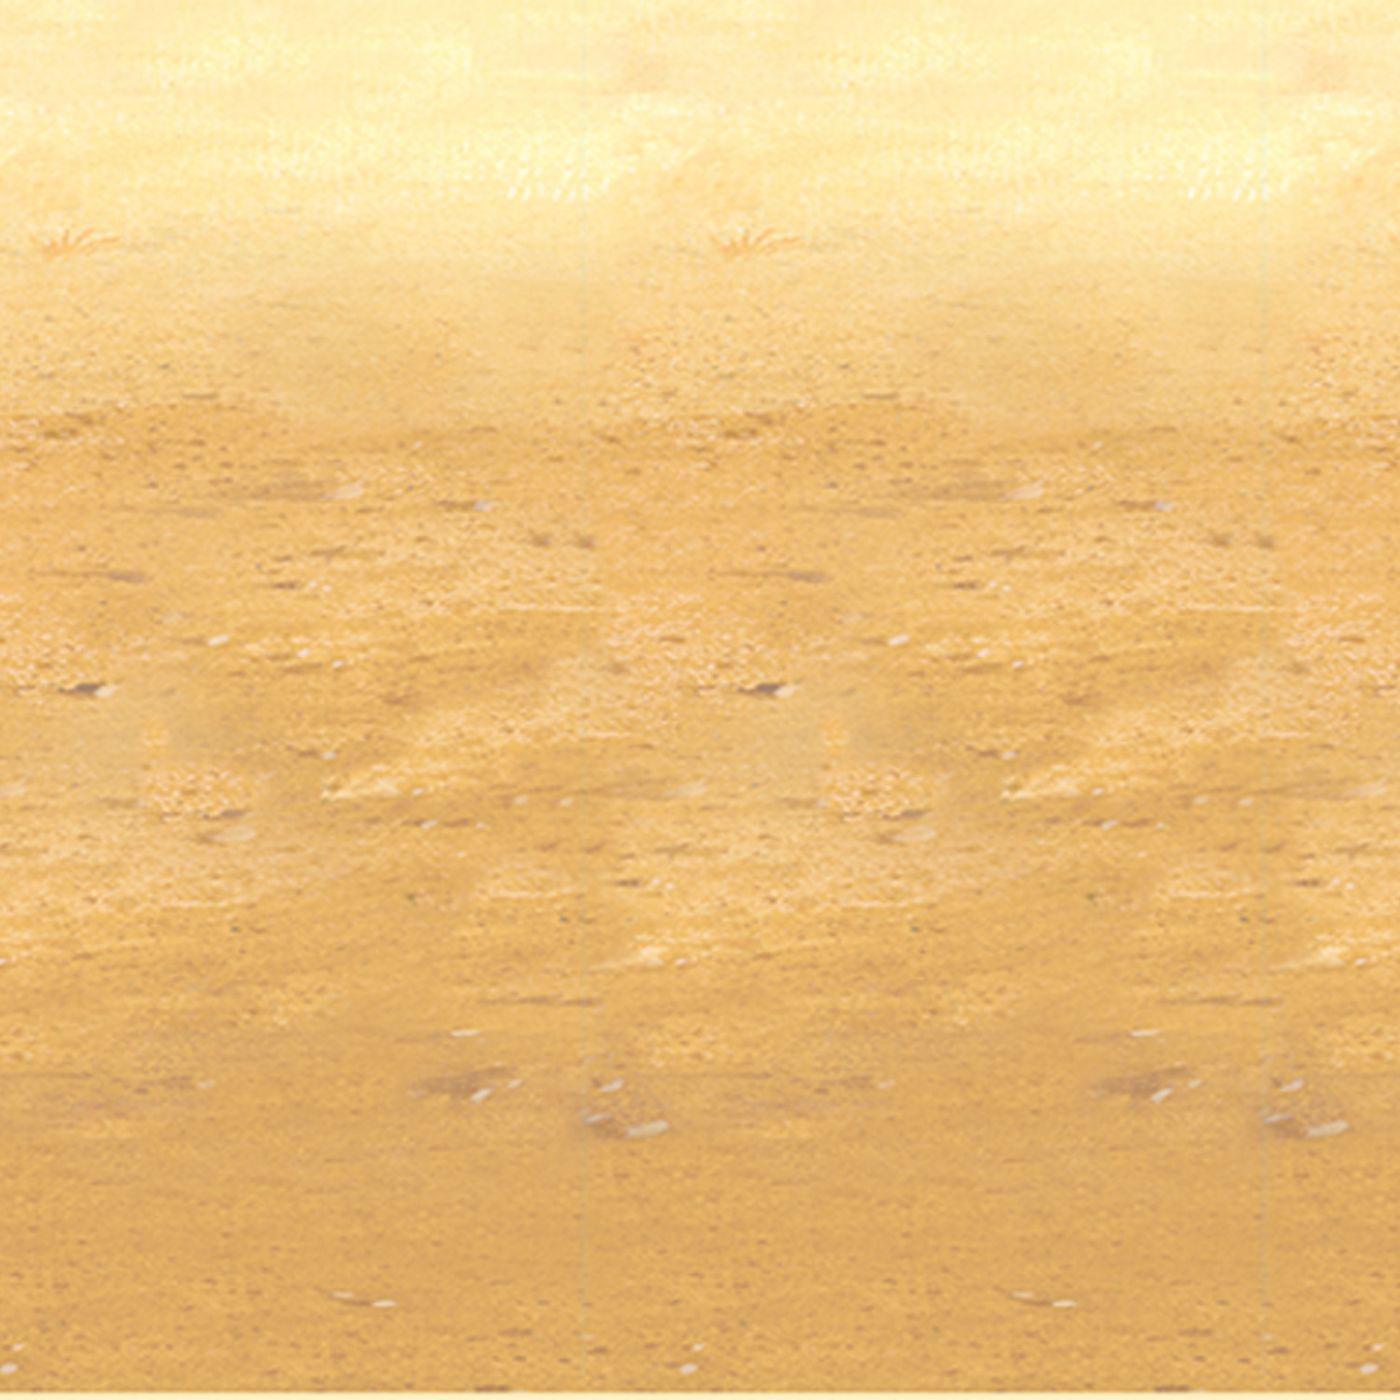 Desert Sand Backdrop (6) image